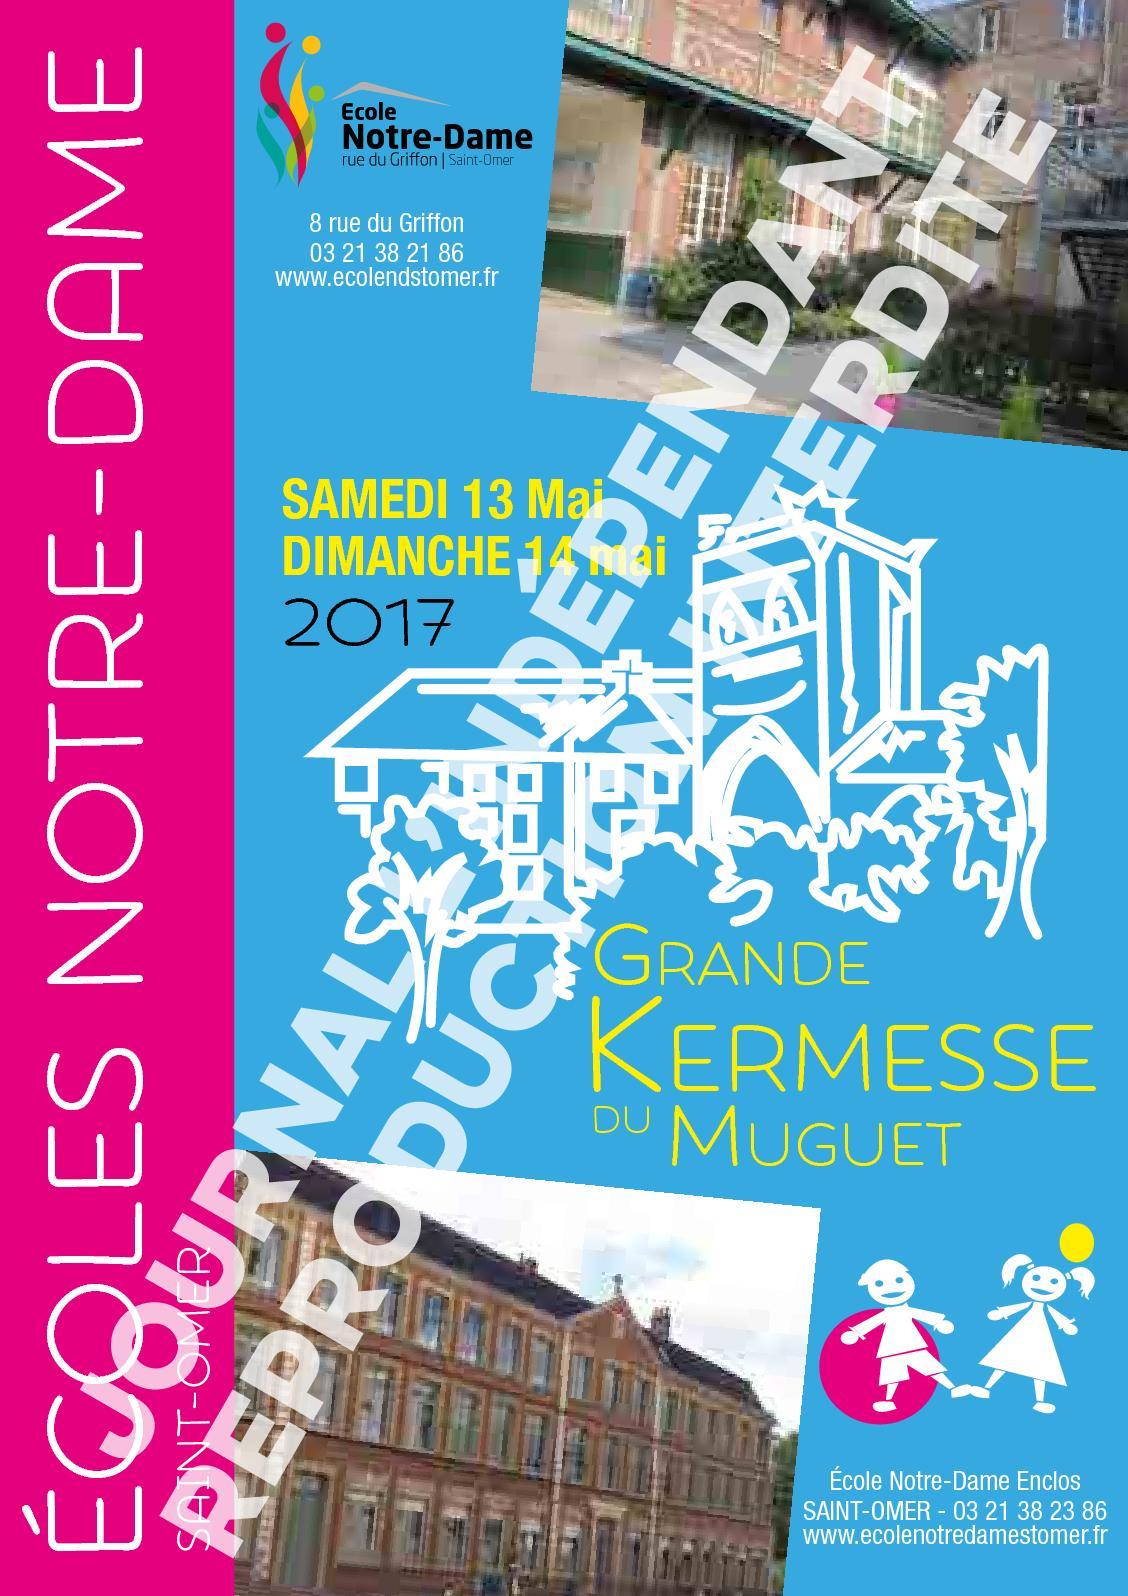 Papier Peint Lionet Hazebrouck calaméo - kermesse du muguet st omer 2017